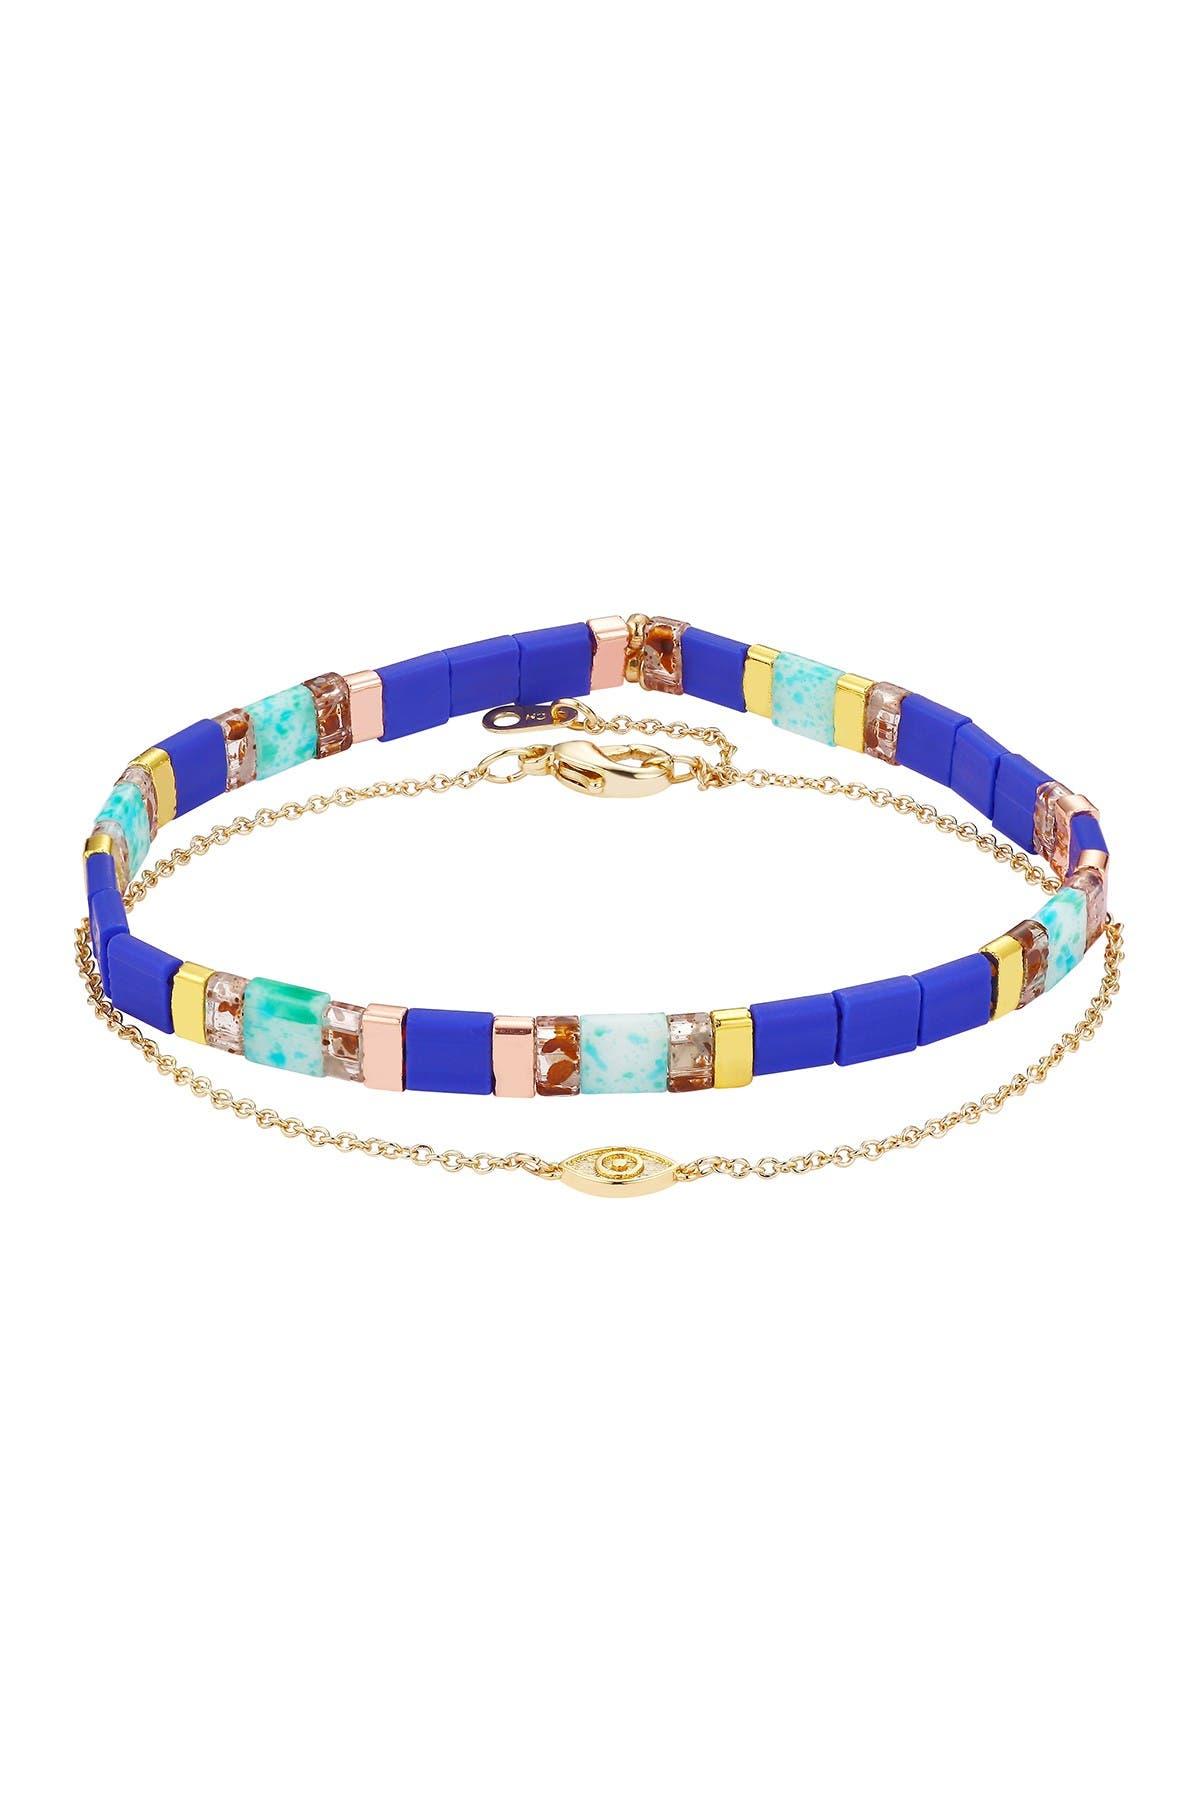 Image of LA Rocks Beaded Stretch Bracelet & Evil Eye Bracelet Set